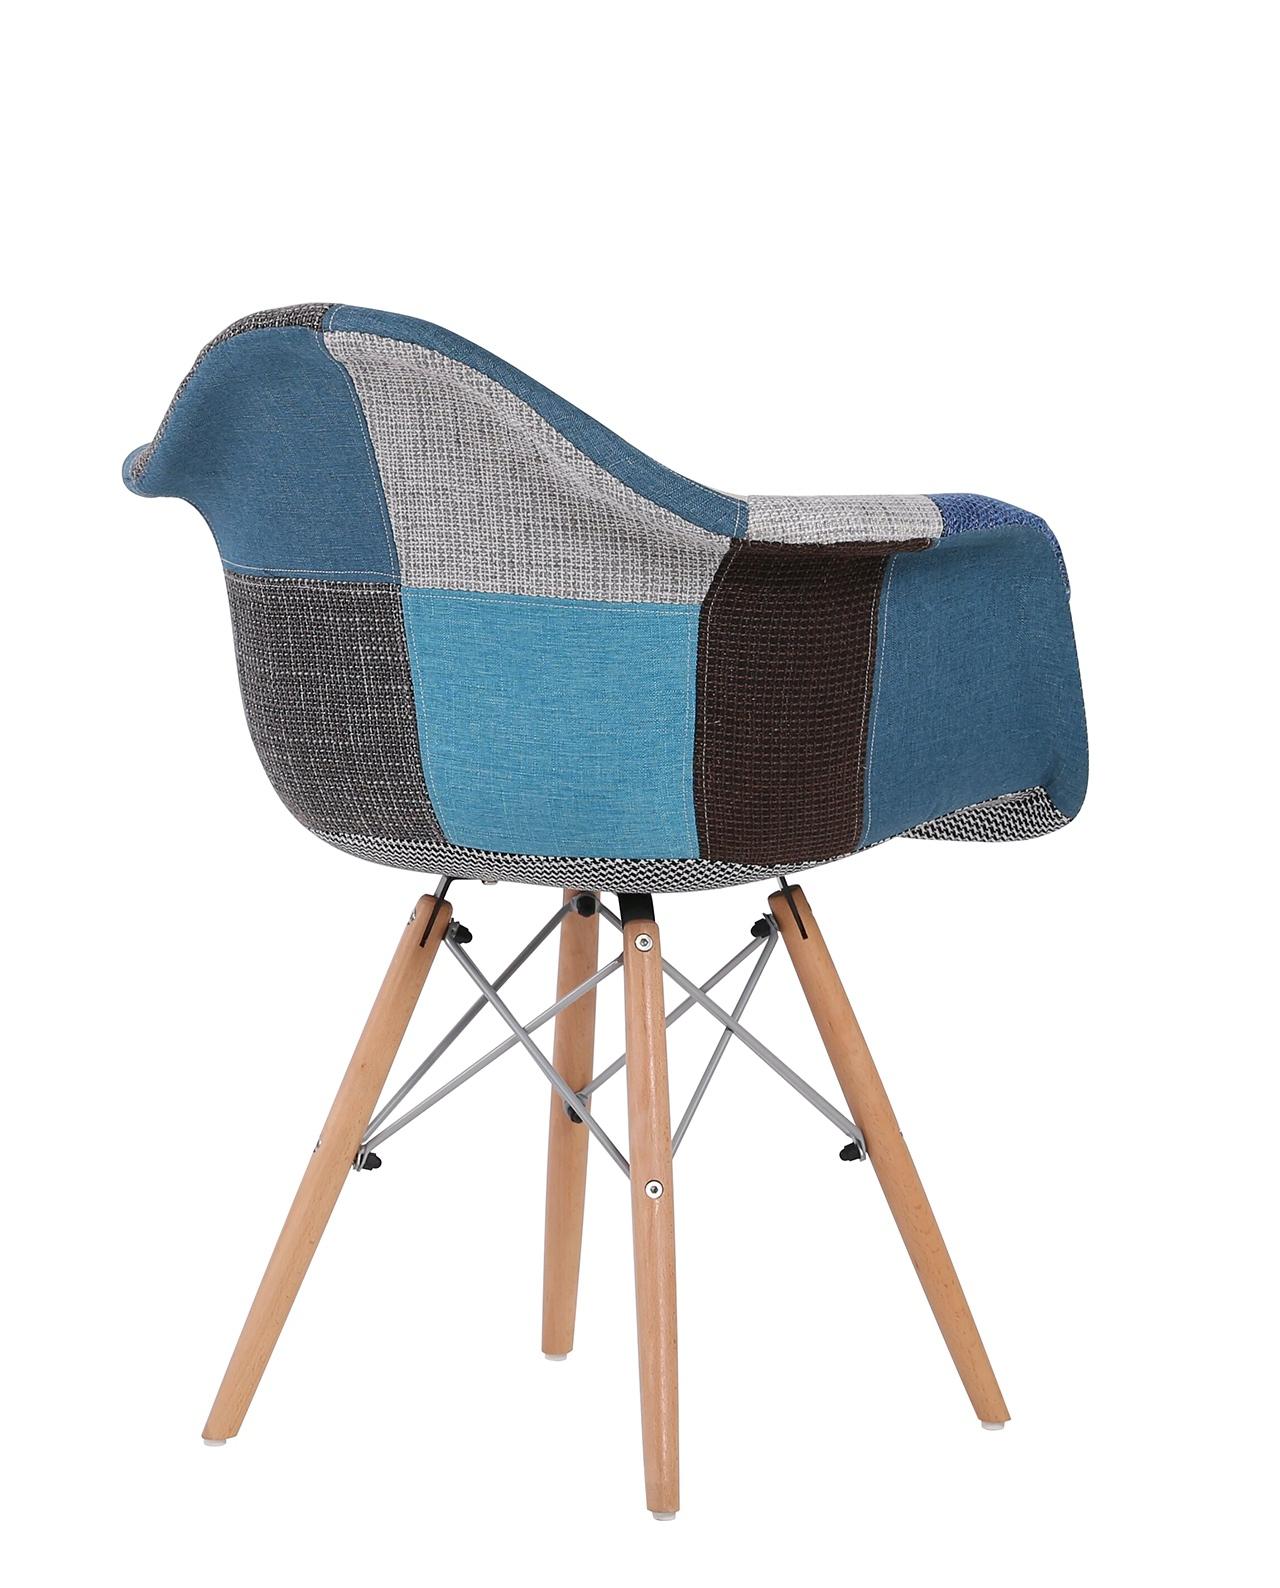 Chaise Daw Patchwork Nador Bleu